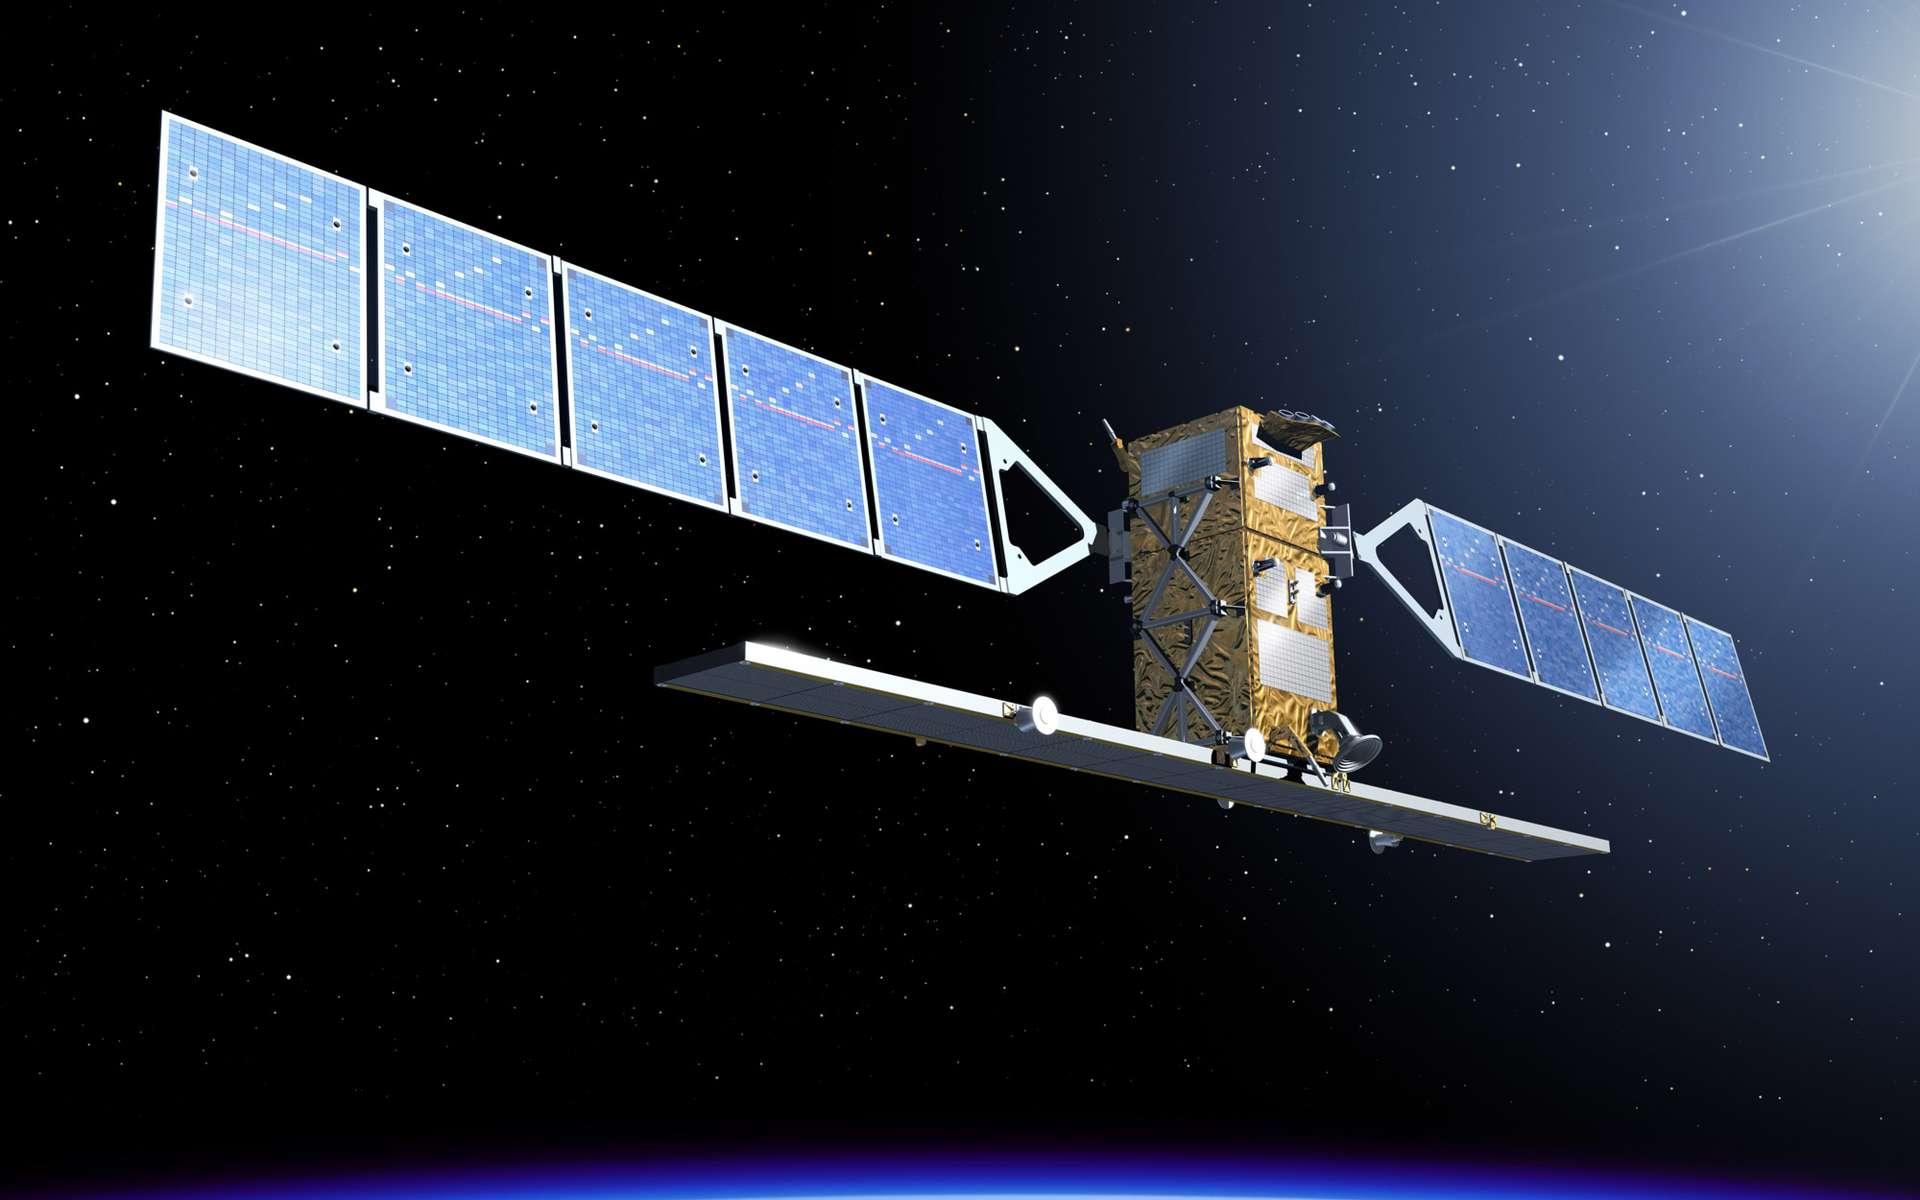 Une vue d'artiste du satellite Sentinel 1A, de 3,8 mètres de côté pour 4,4 mètres de hauteur. On distingue ses deux panneaux solaires et l'antenne du radar à synthèse d'ouverture. © Esa